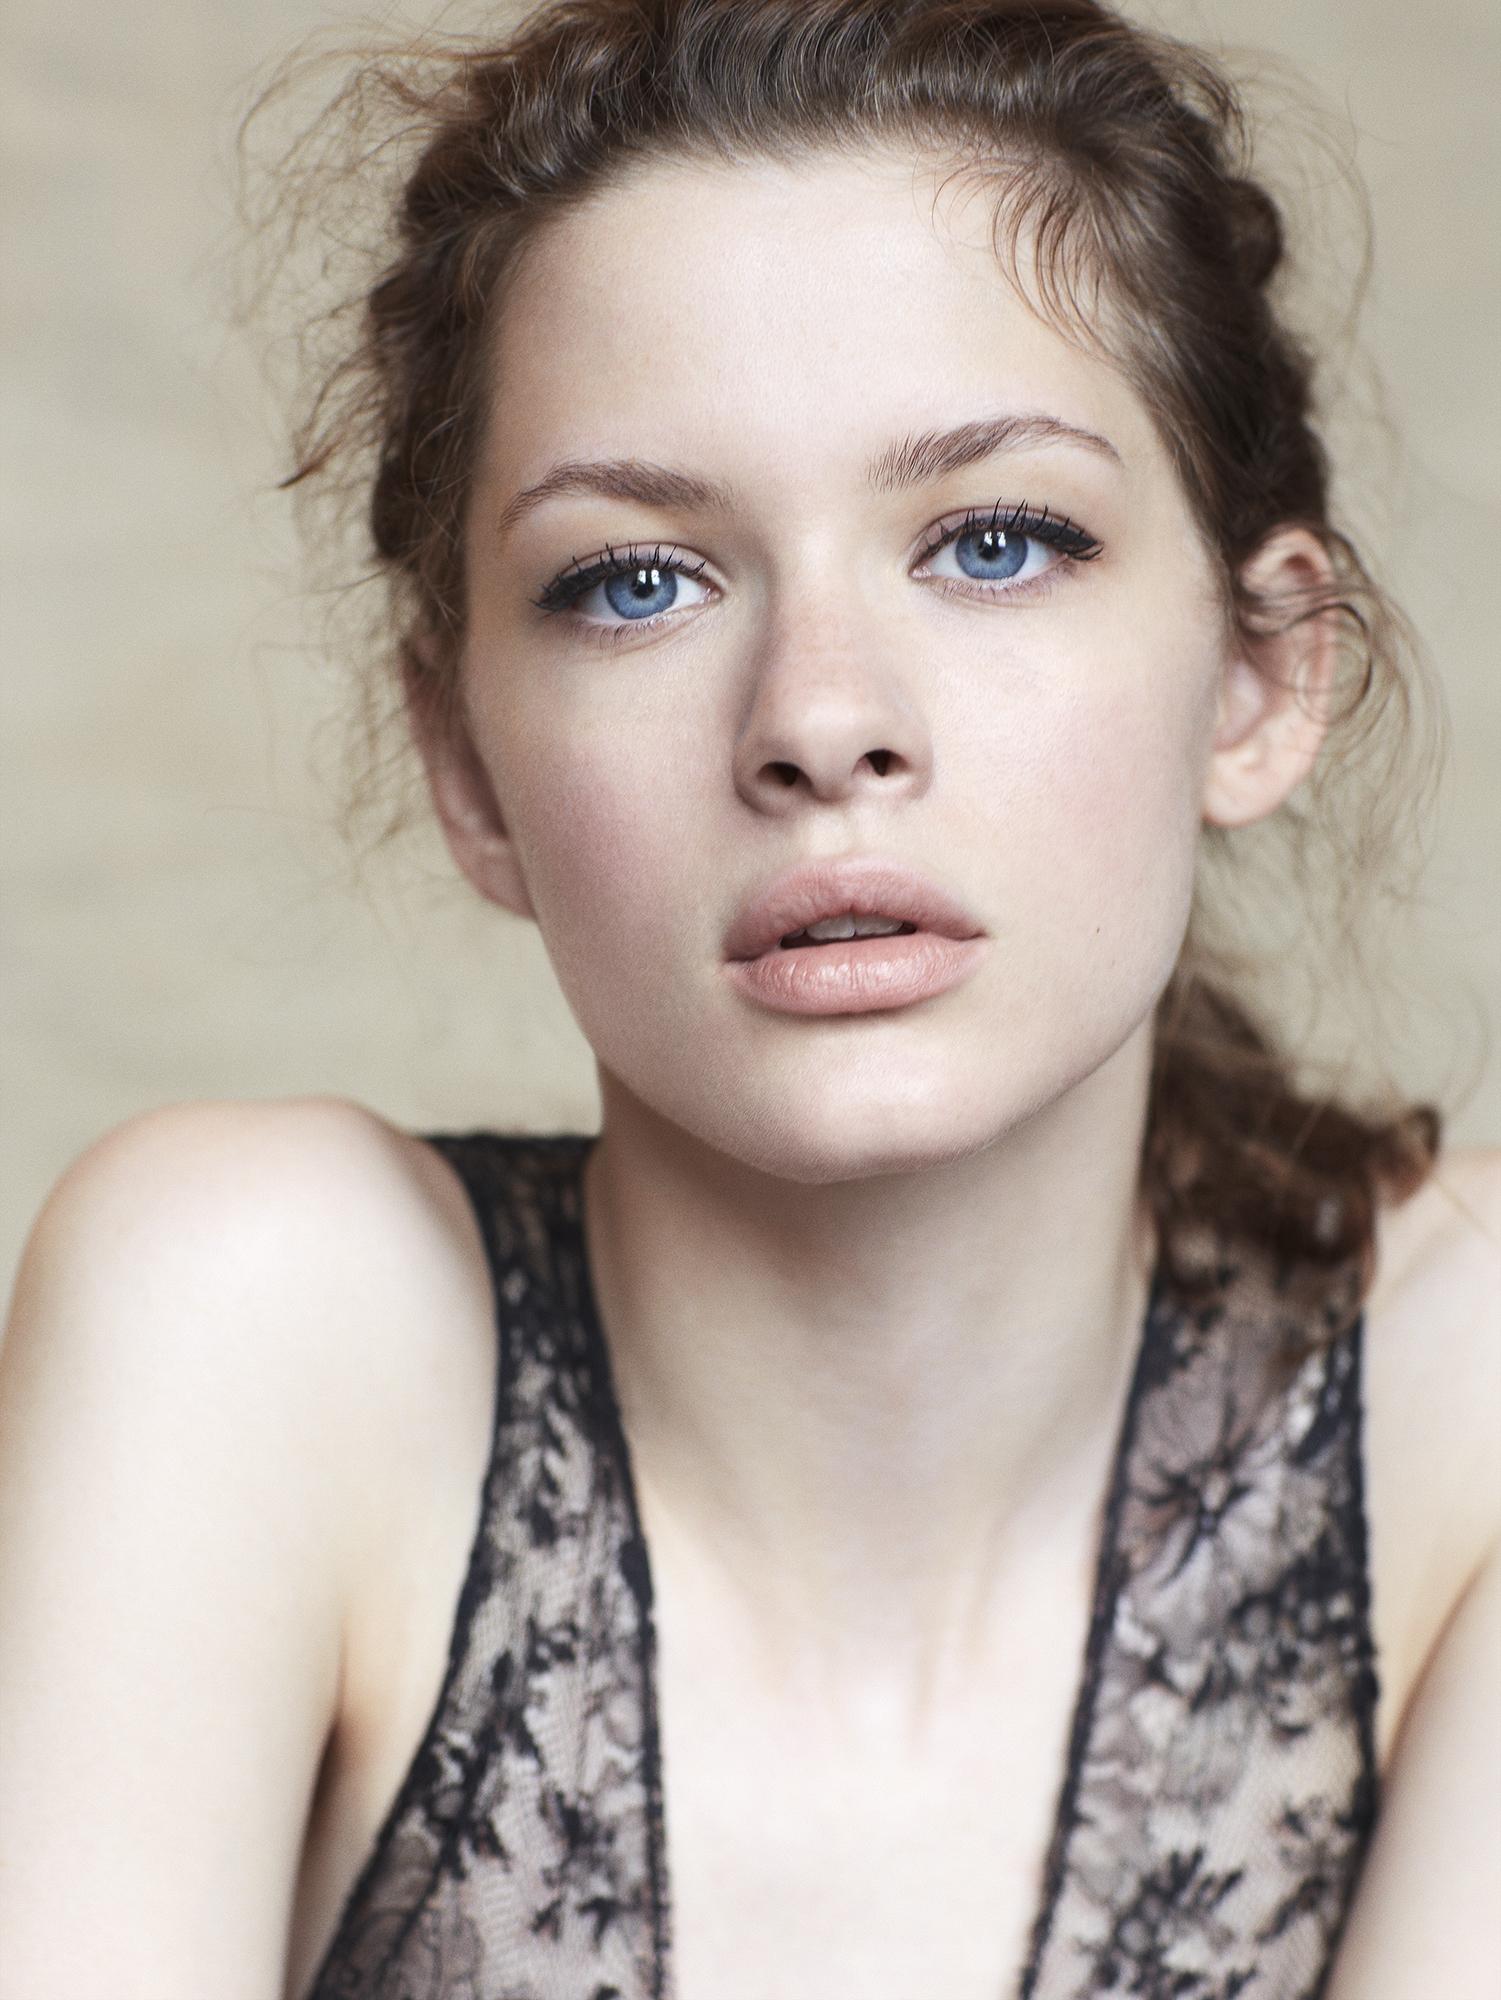 Sarah_Beauty_SH01_269.jpg